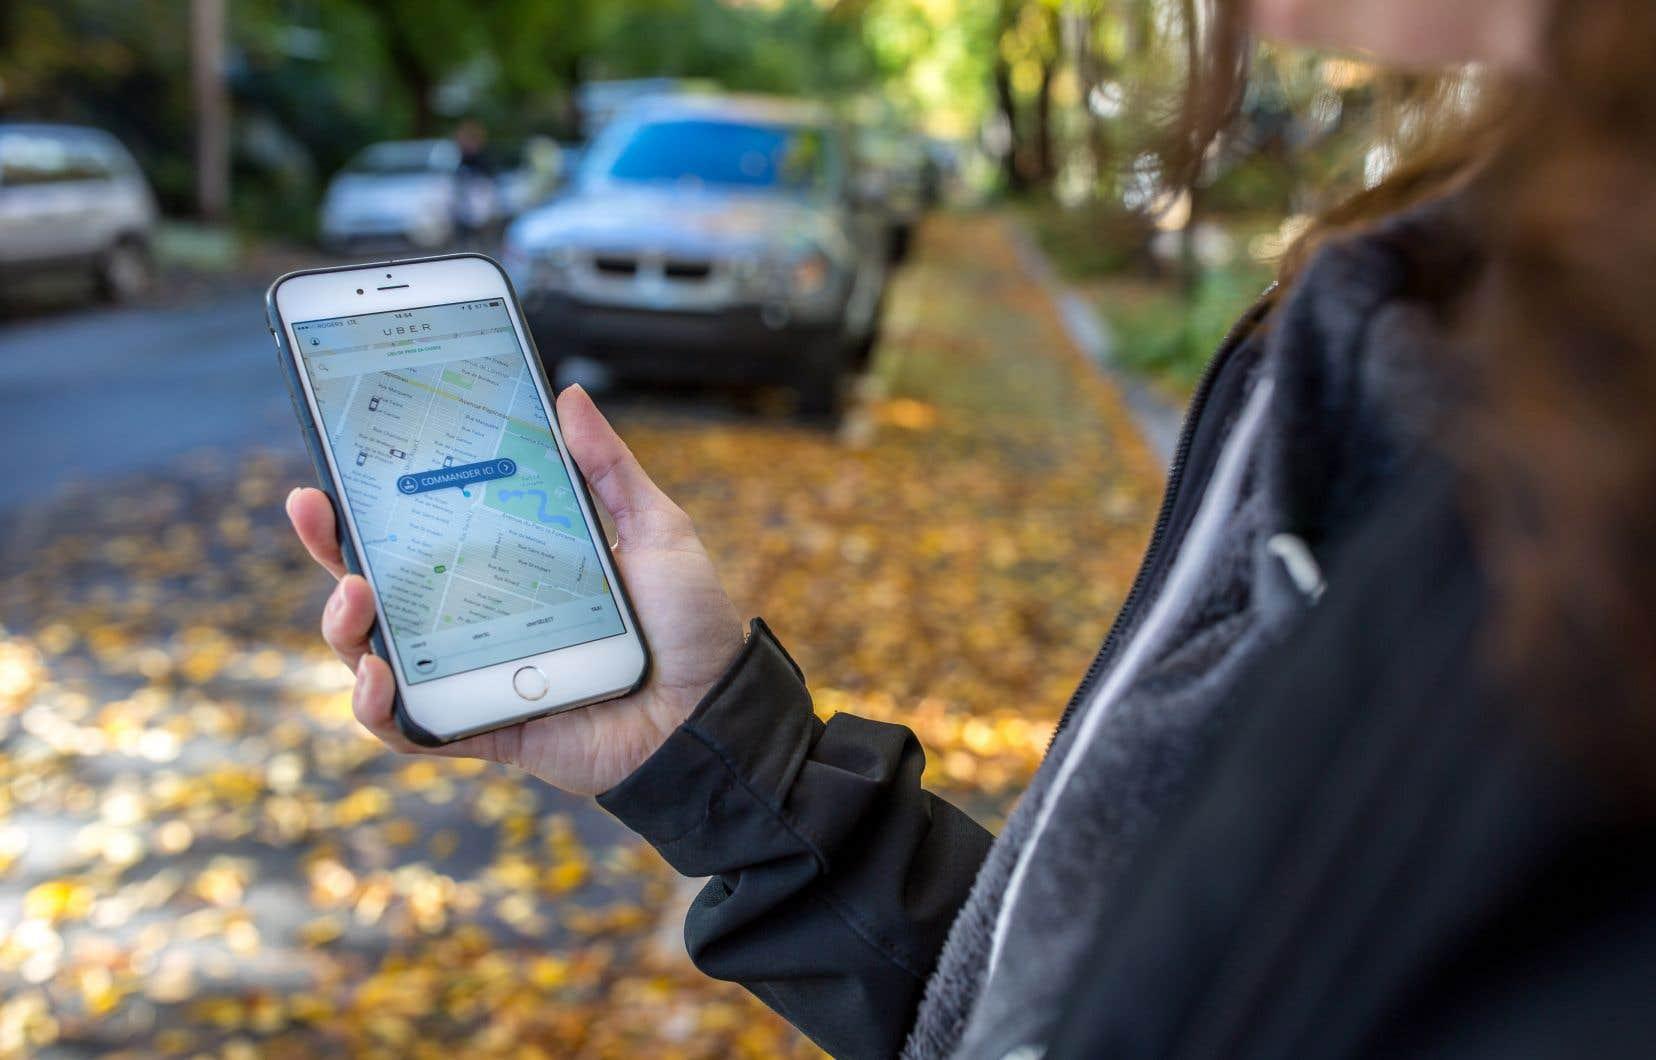 Selon la poursuite civile déposée au palais de justice de Montréal, le chauffeur d'Uber se serait emporté après que sa passagère eut commencé à le filmer avec son téléphone parce qu'il l'insultait.